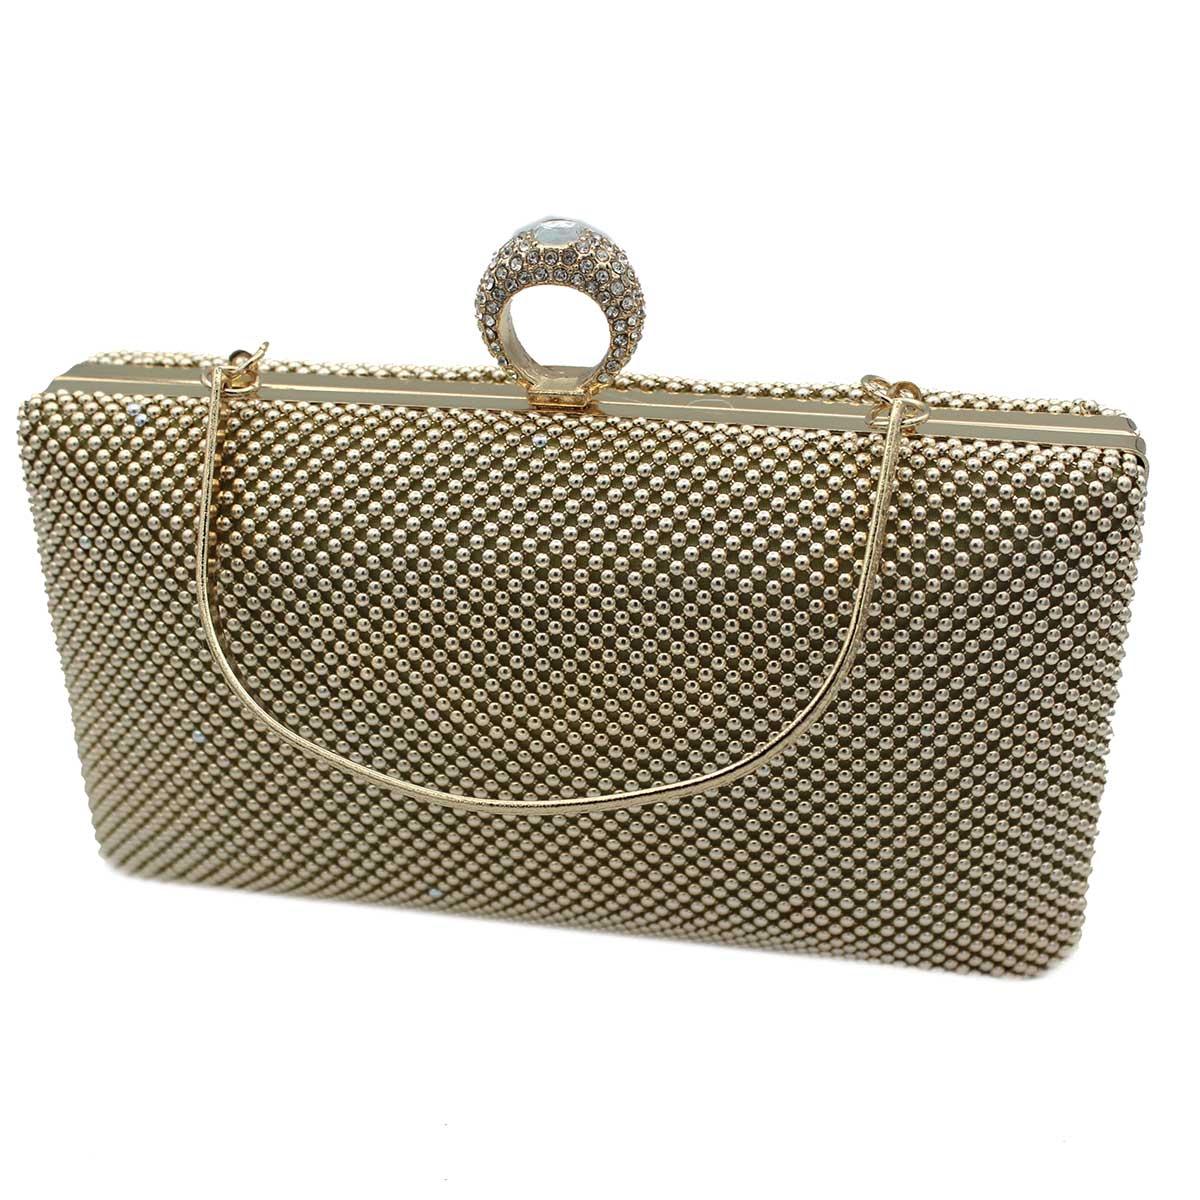 7bdcab5e50 Borsetta donna pochette da sera clutch con strass MICHELLE MOON v4049 oro